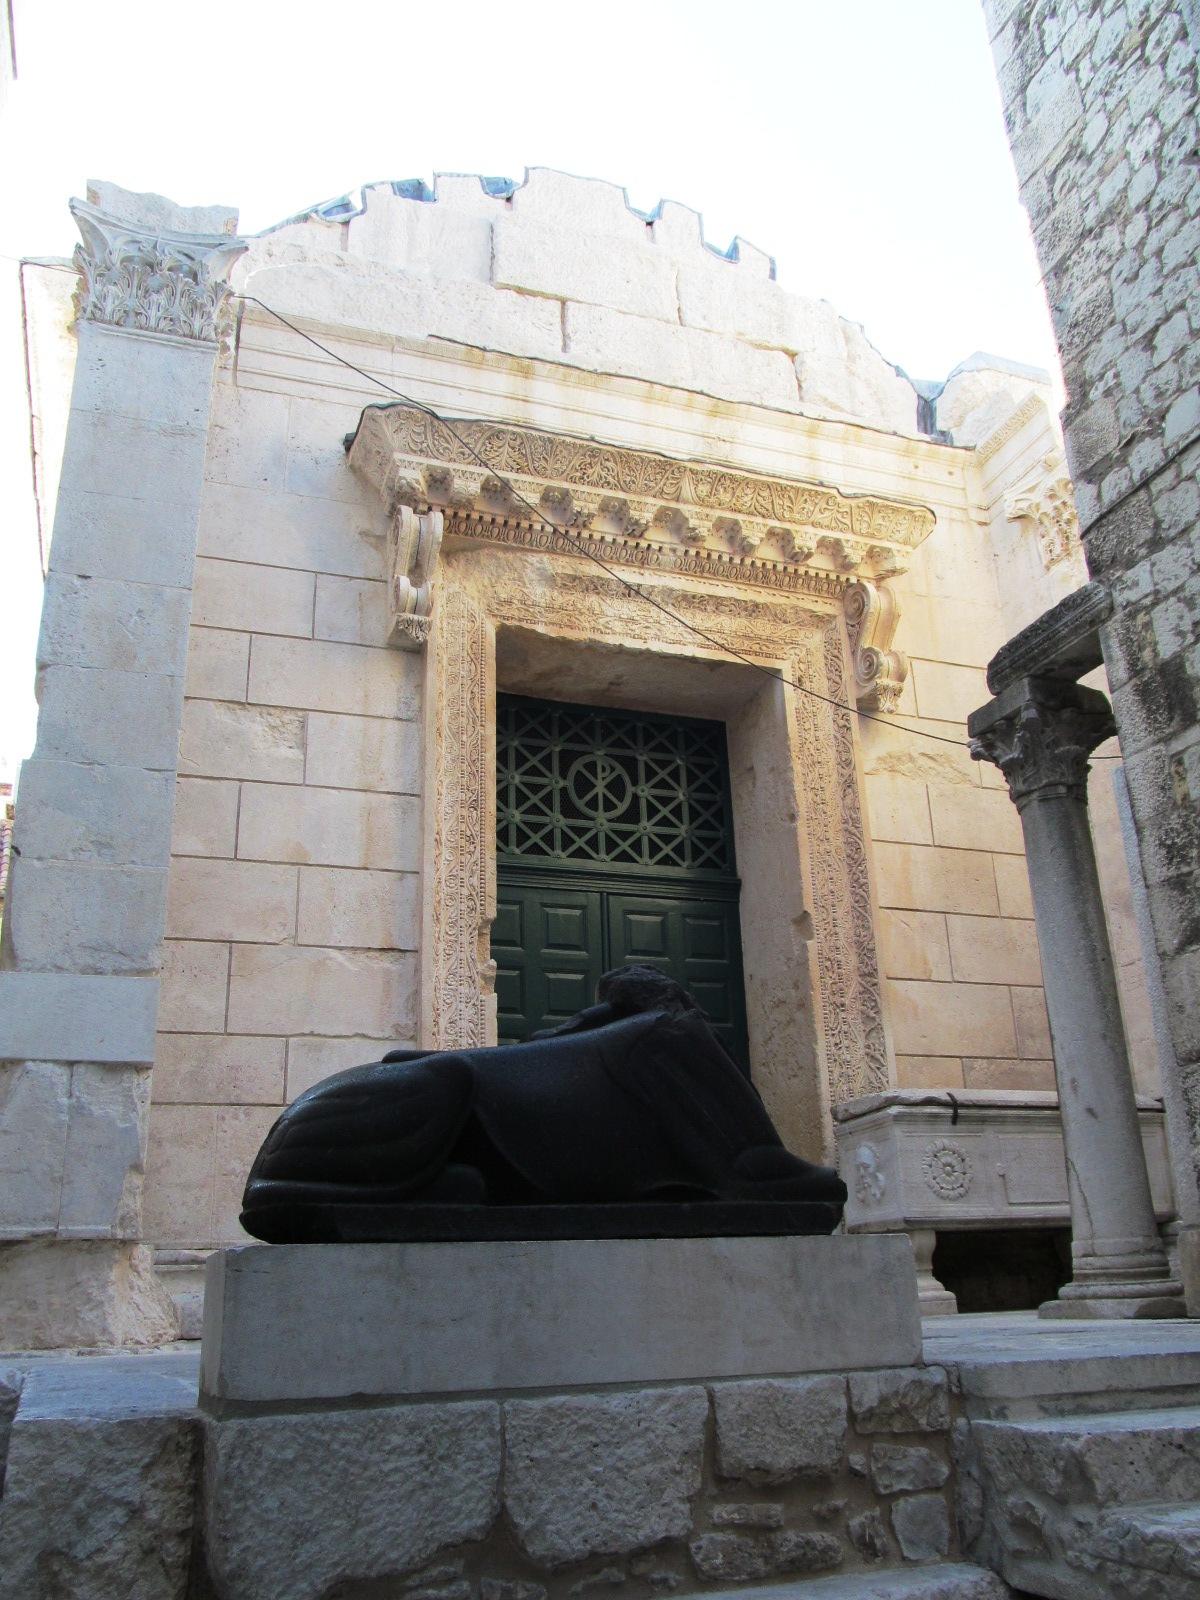 Slikovni rezultat za jupiterov hram